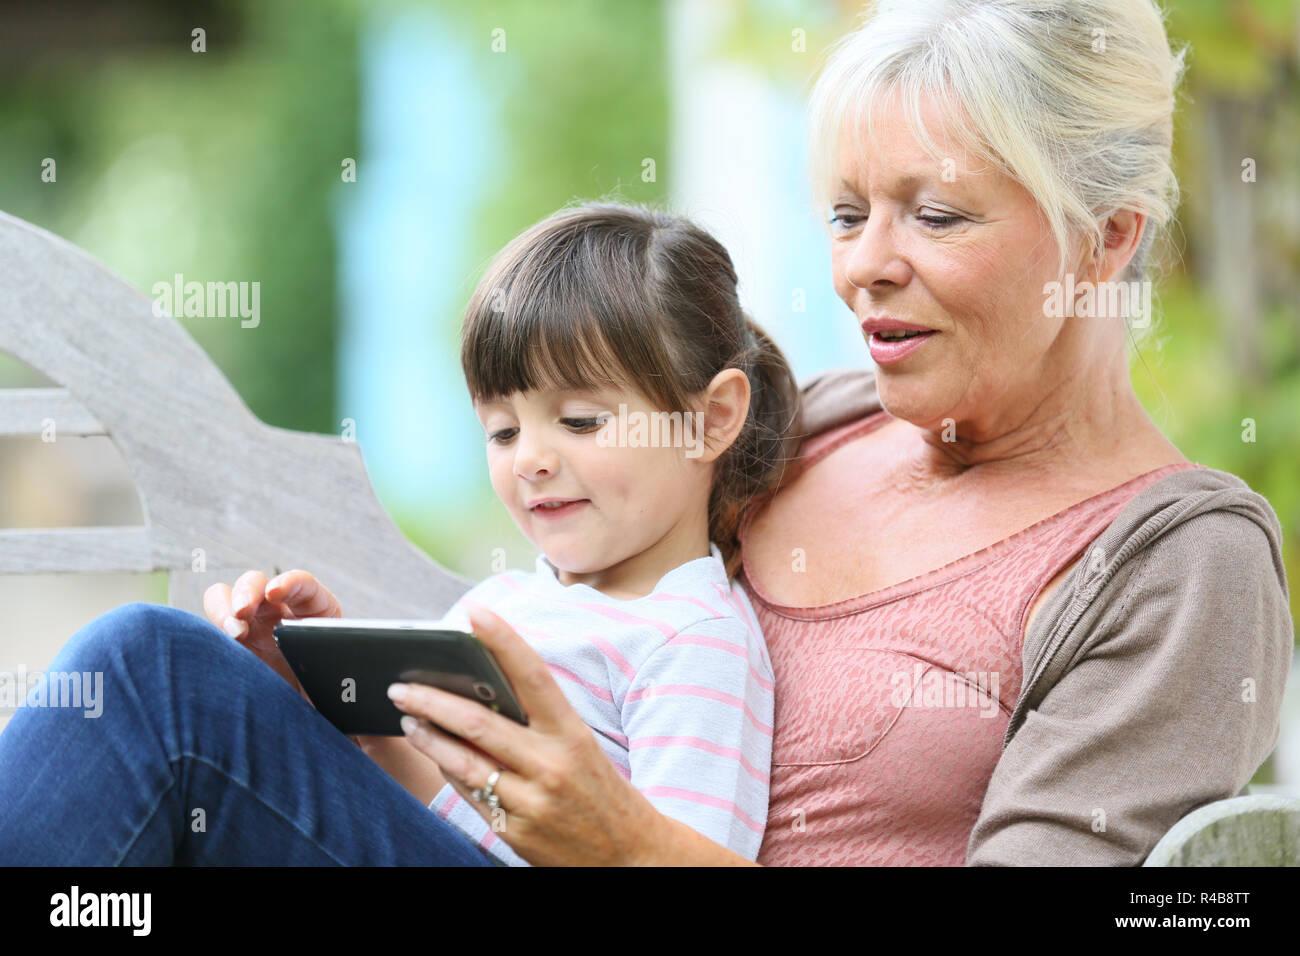 Hauts femme avec jeu de grandkid sur smartphone Photo Stock